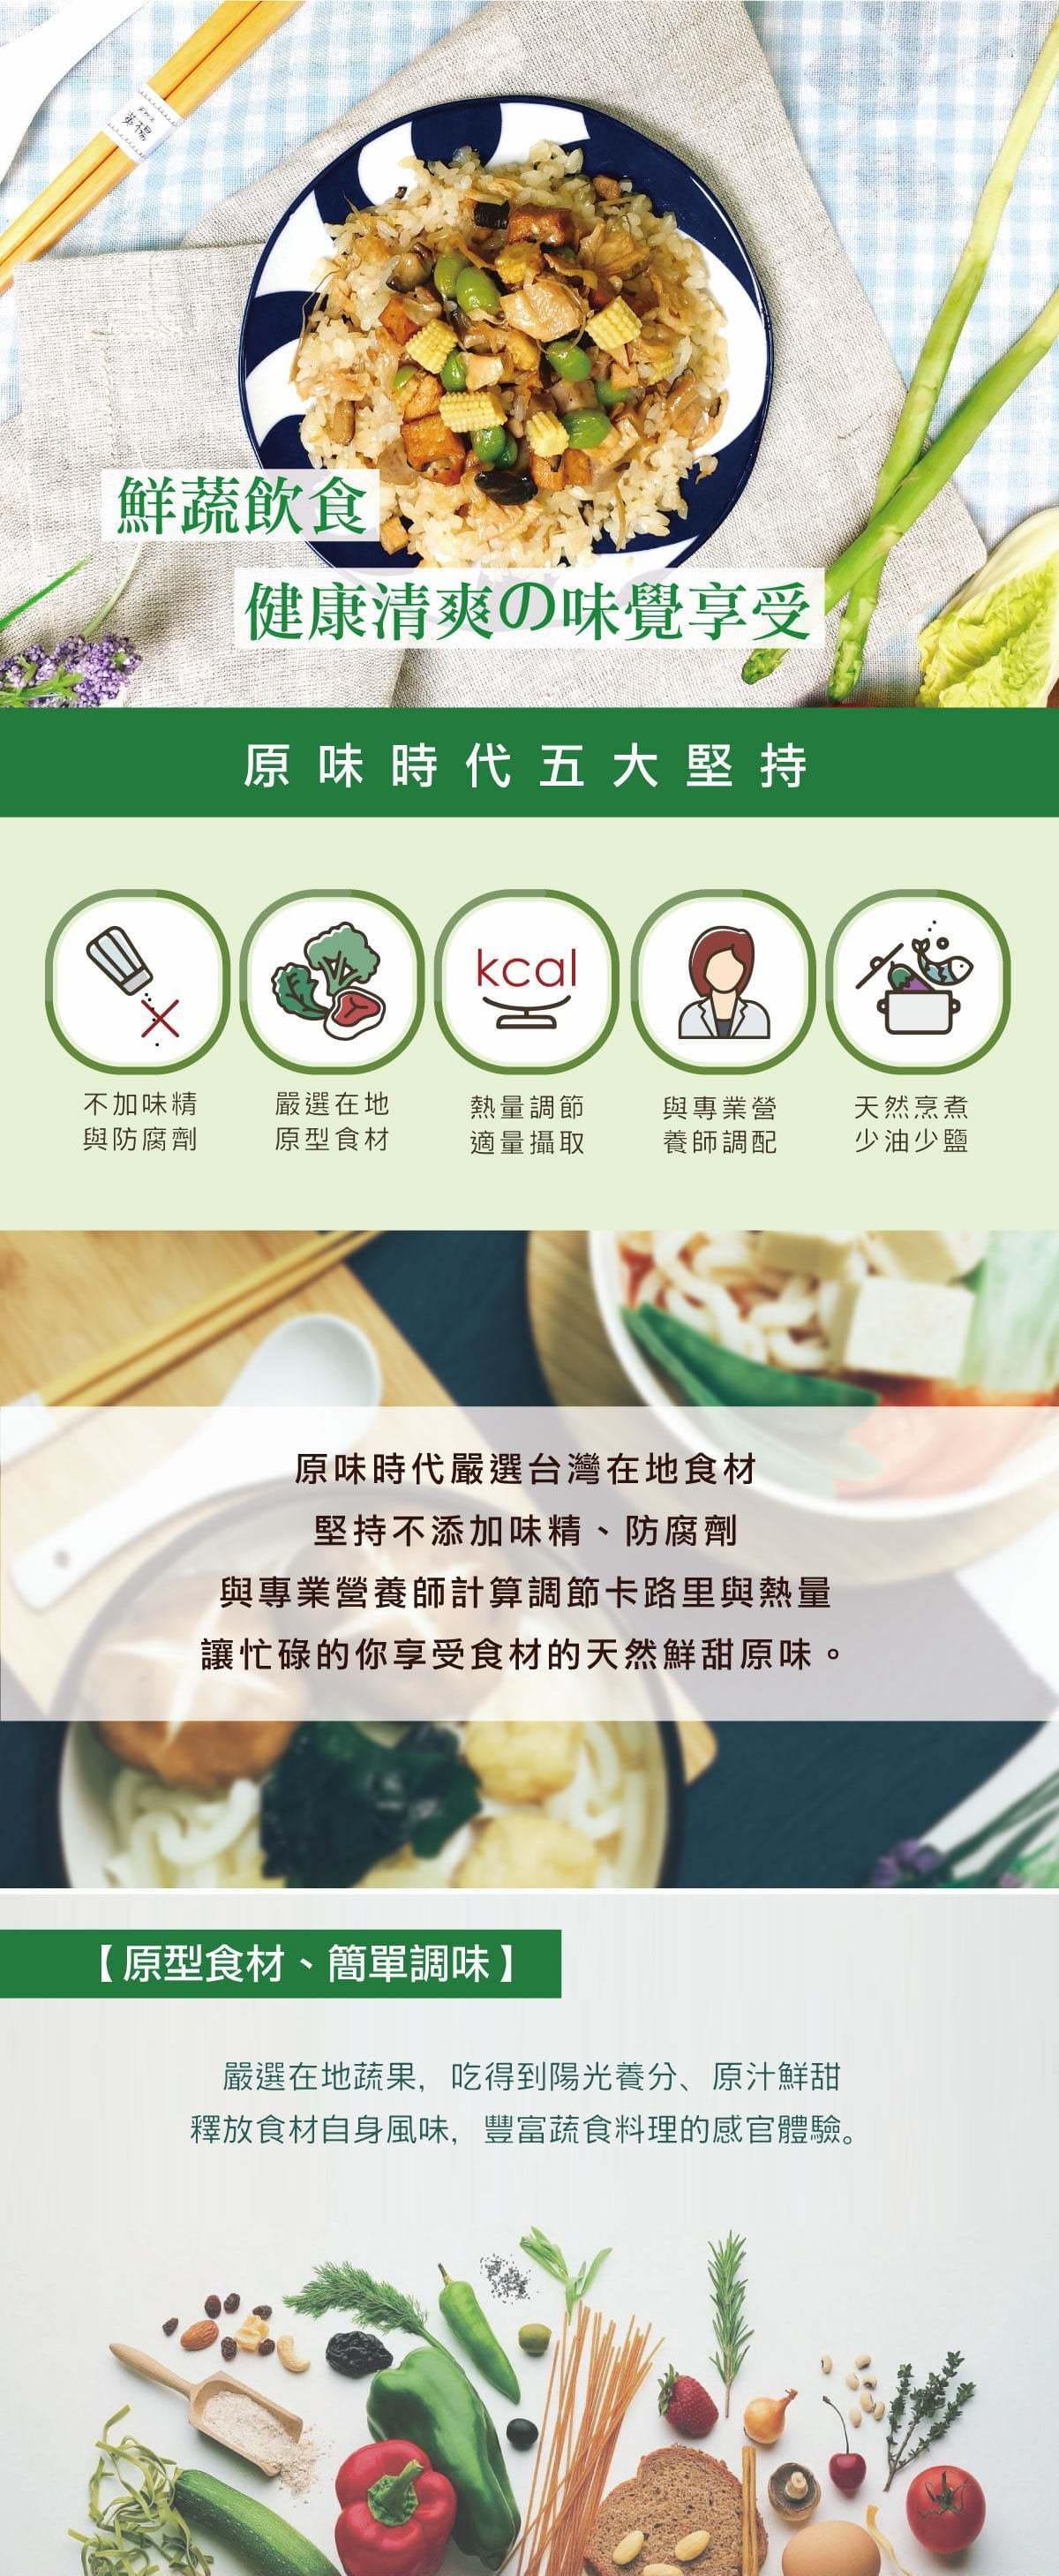 【原味時代】美味蔬食餐-和風栗子烤群菇 1